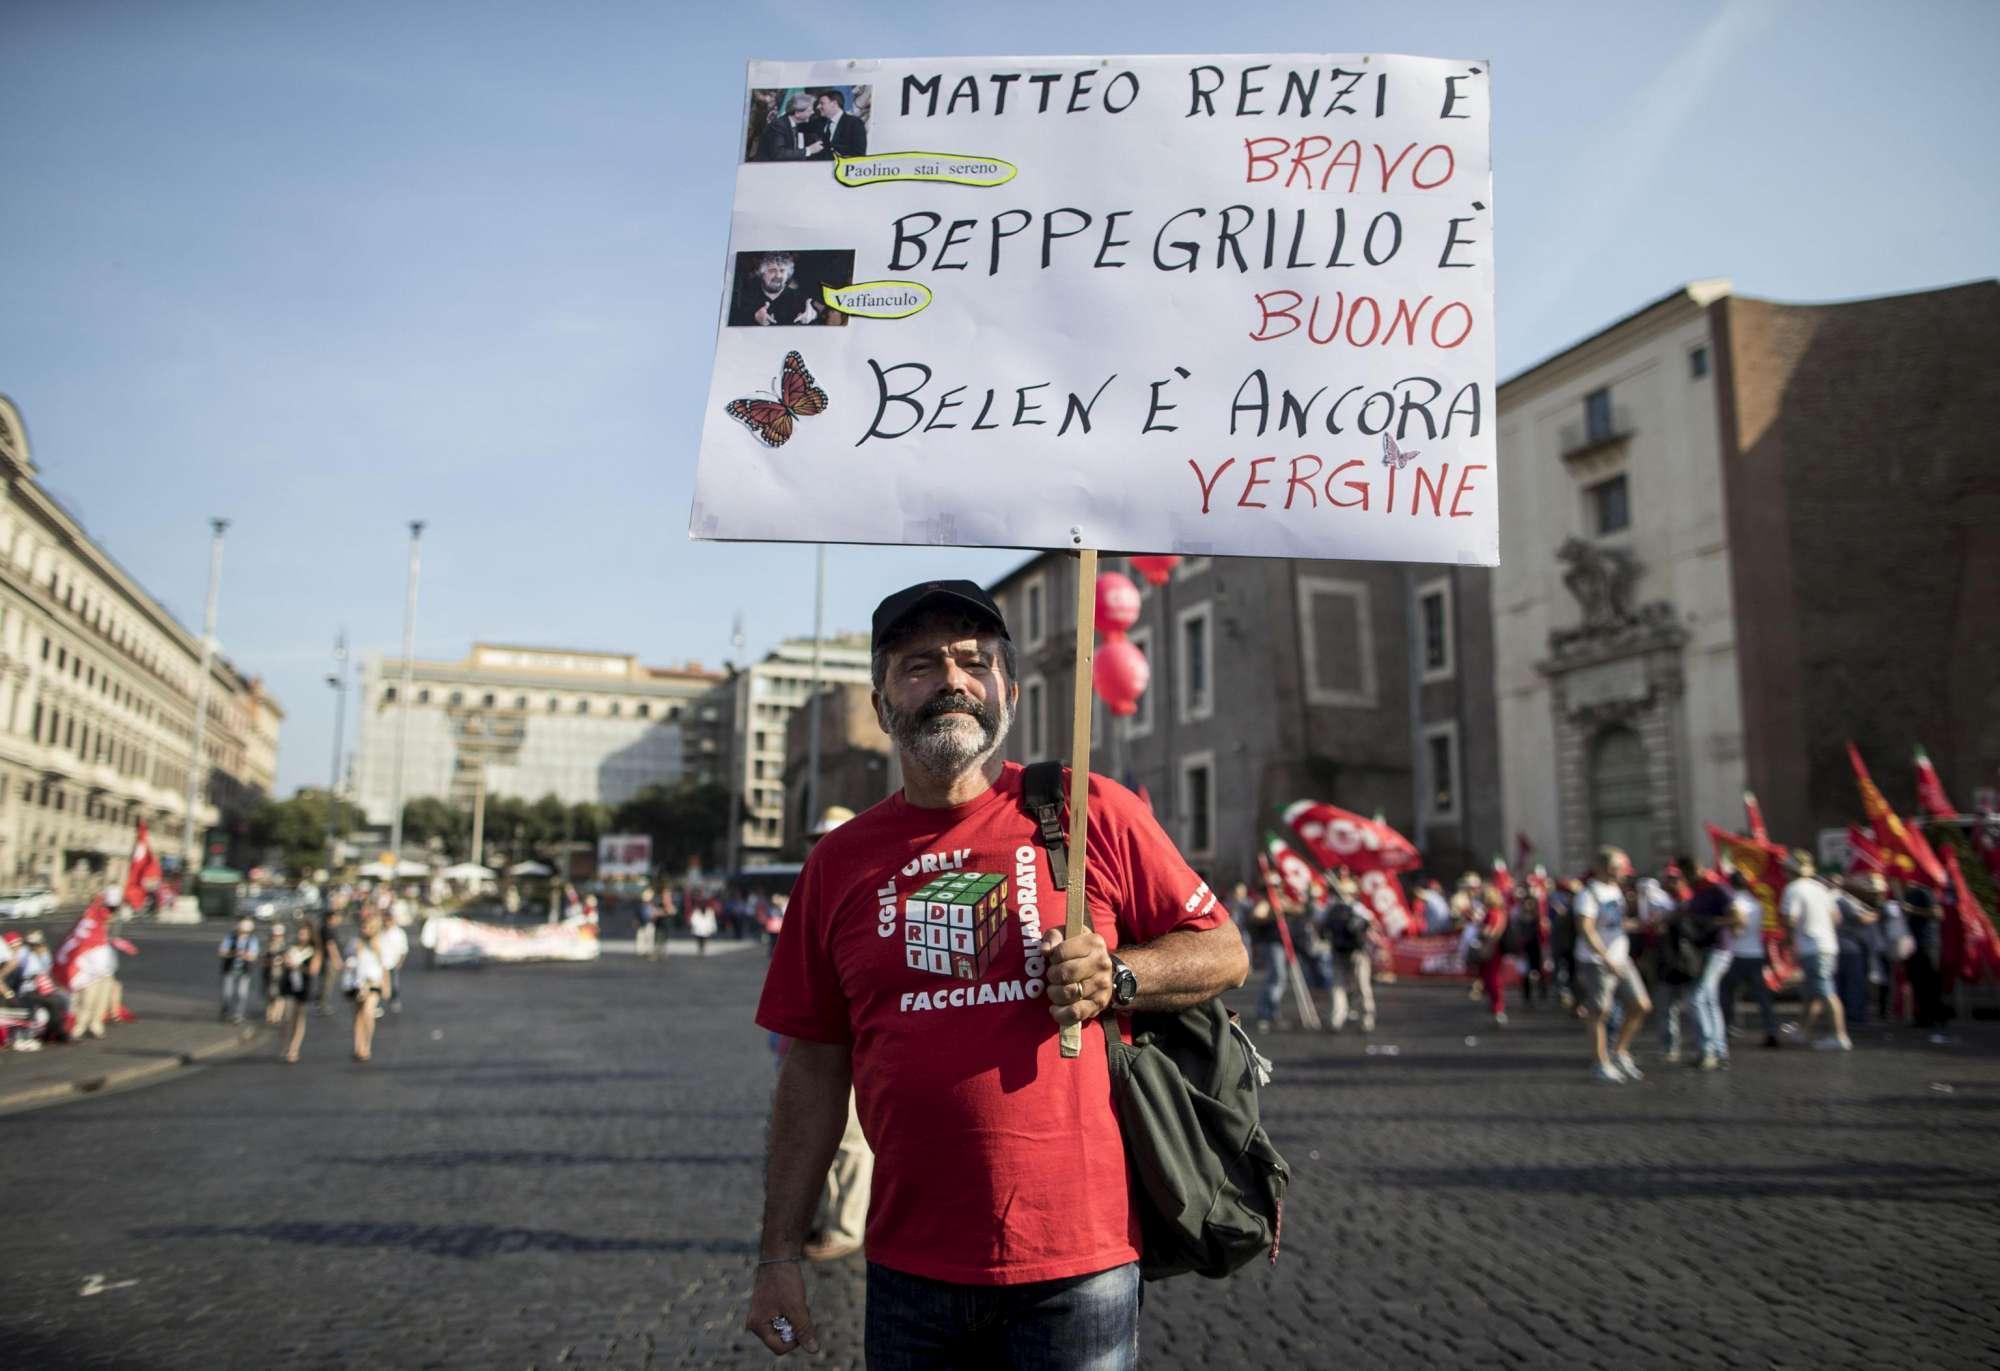 Cgil a Roma contro i nuovi voucher, D'Alema: giusta risposta a vicenda vergognosa